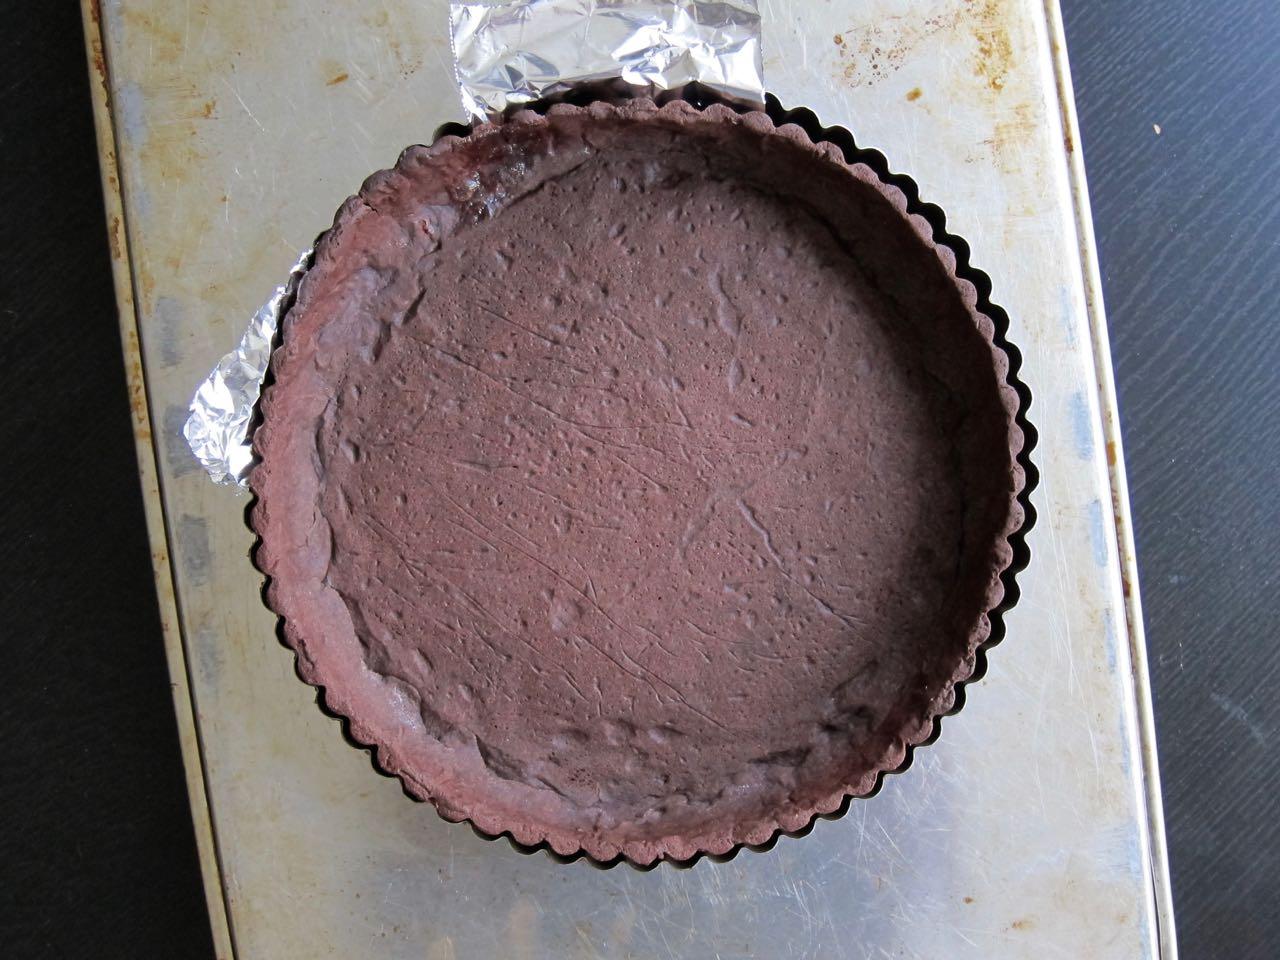 Chocolate Tart shell